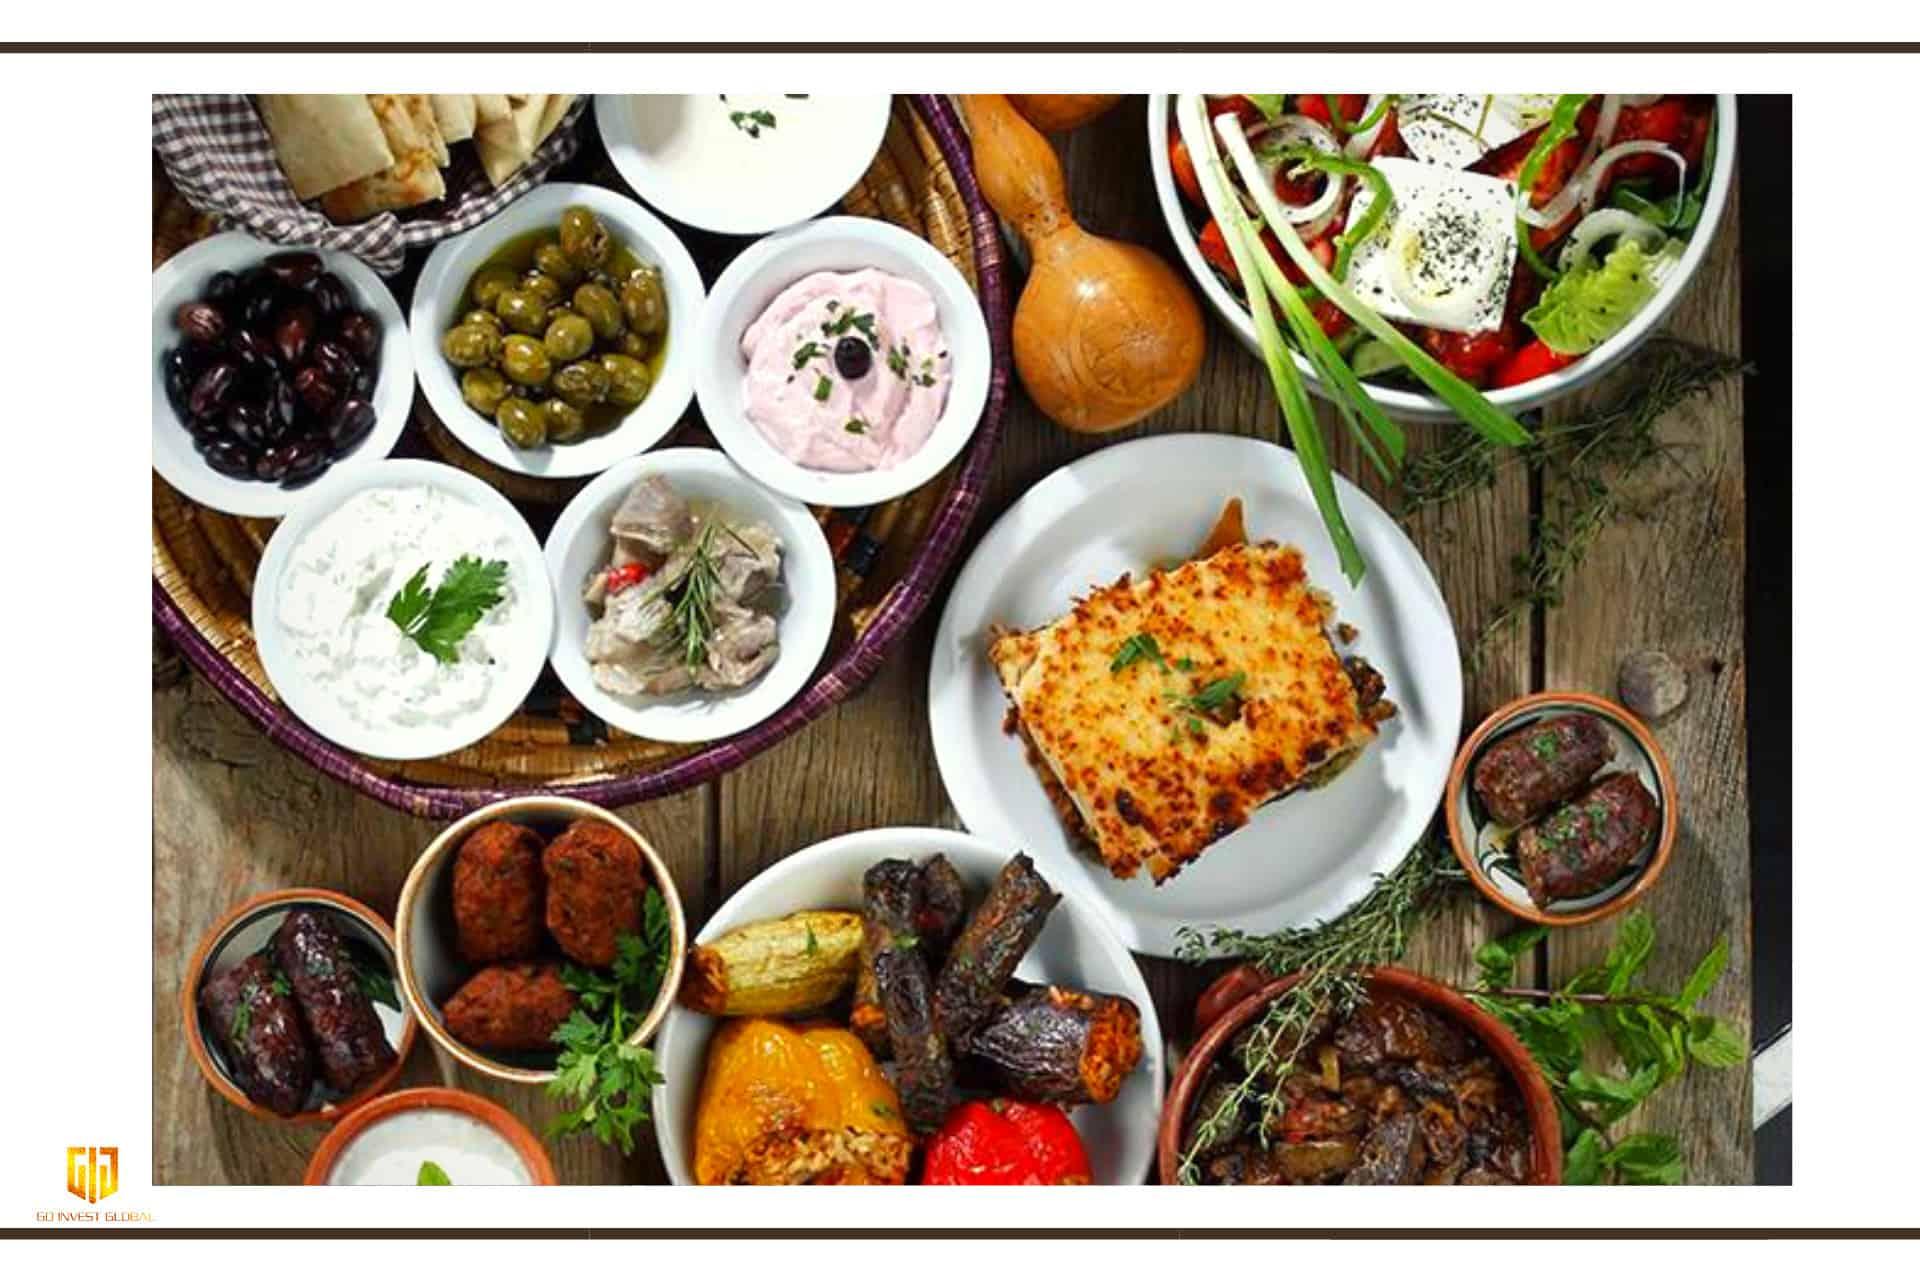 Ẩm thực đảo Síp - Cyprus: Những món ăn và thức uống phổ biến - Công ty tư vấn đầu tư Định cư quốc tế GIG - Chuyên gia về định cư châu Âu, định cư đảo Síp Cyprus